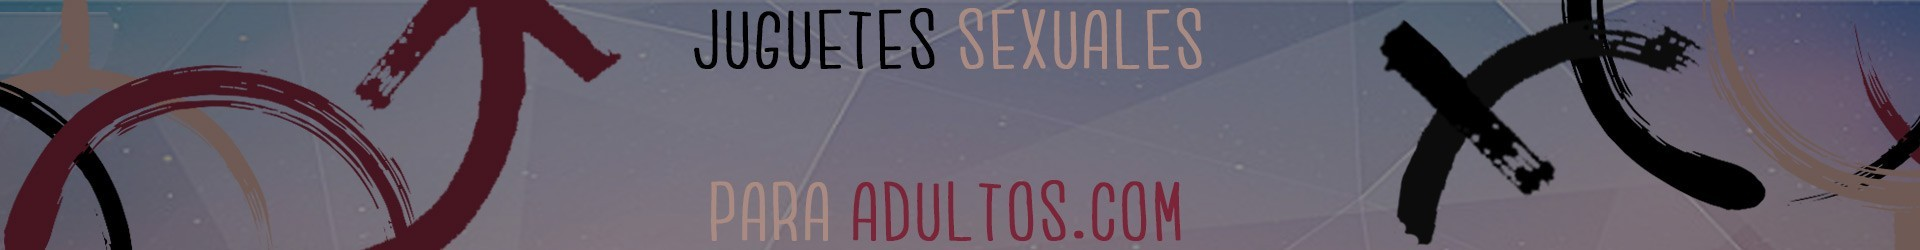 BDSM / Jaulas Anillo Castidad - Juguetes Sexuales para Adultos